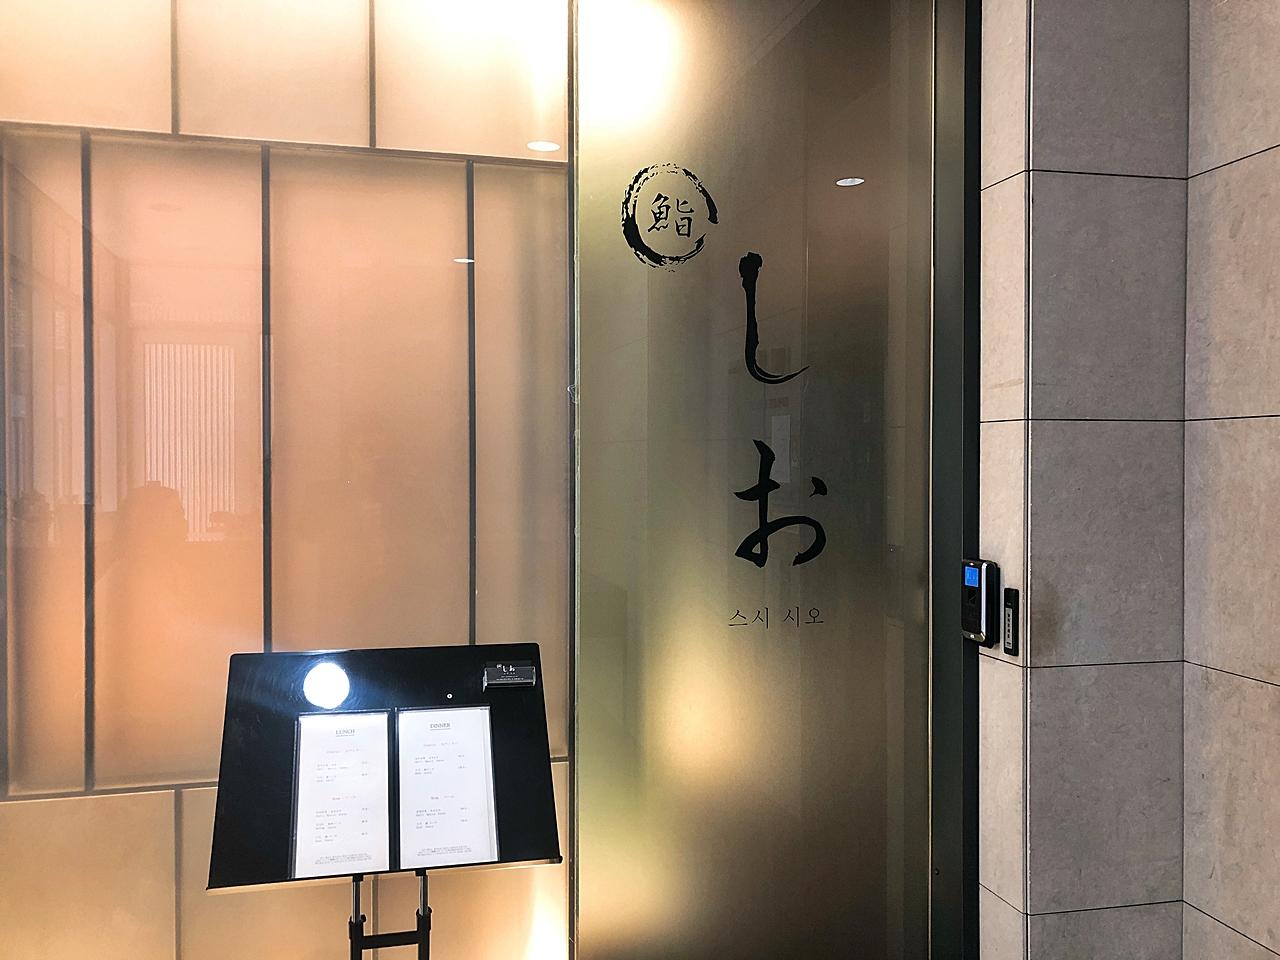 [신사동]스시시오-만족도가 높아진 박상호셰프의 오마카세